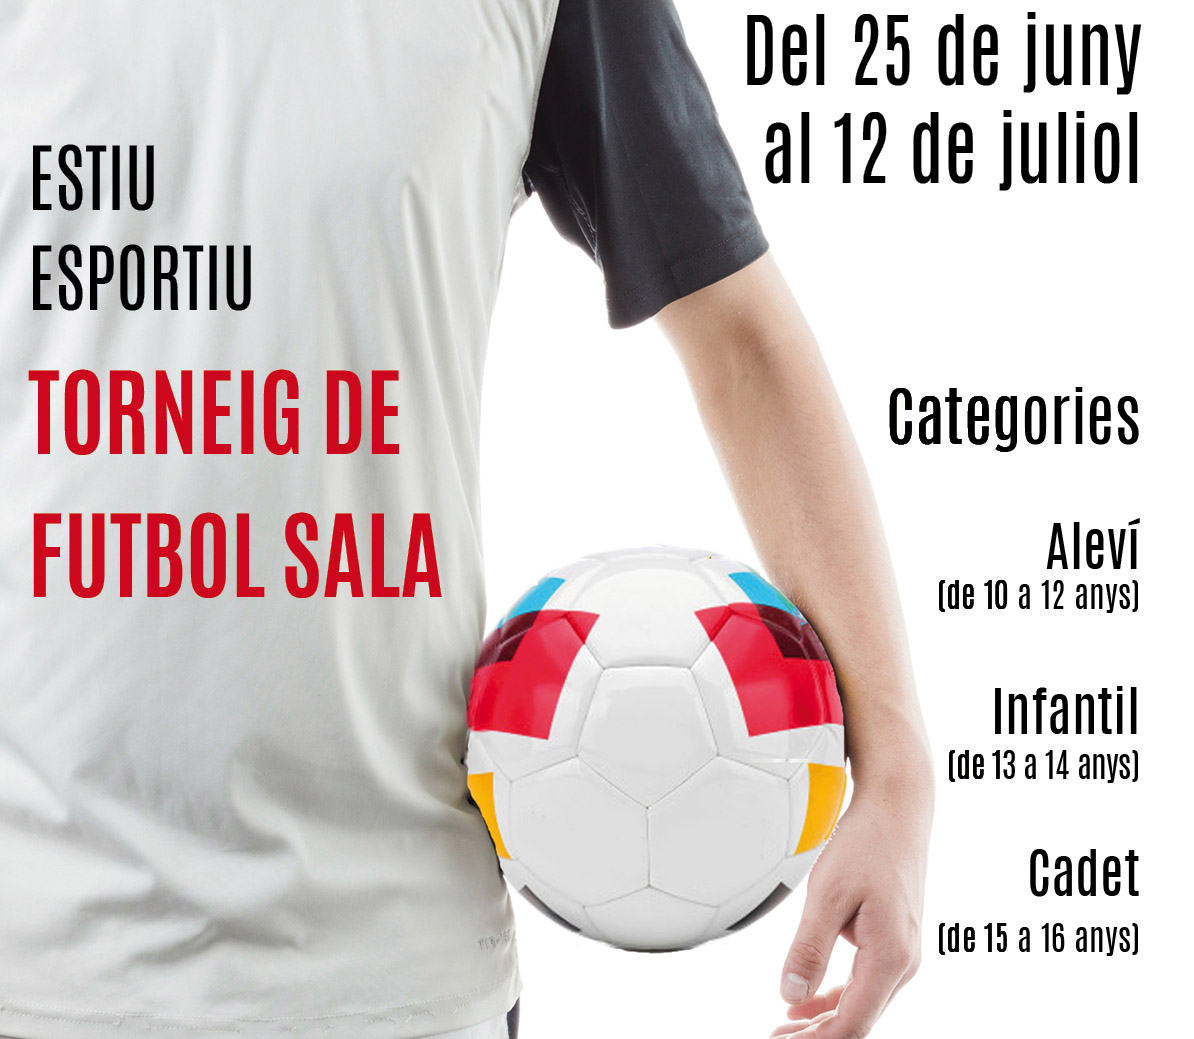 L'Ajuntament farà un torneig d'estiu de futbol sala per a categories de base